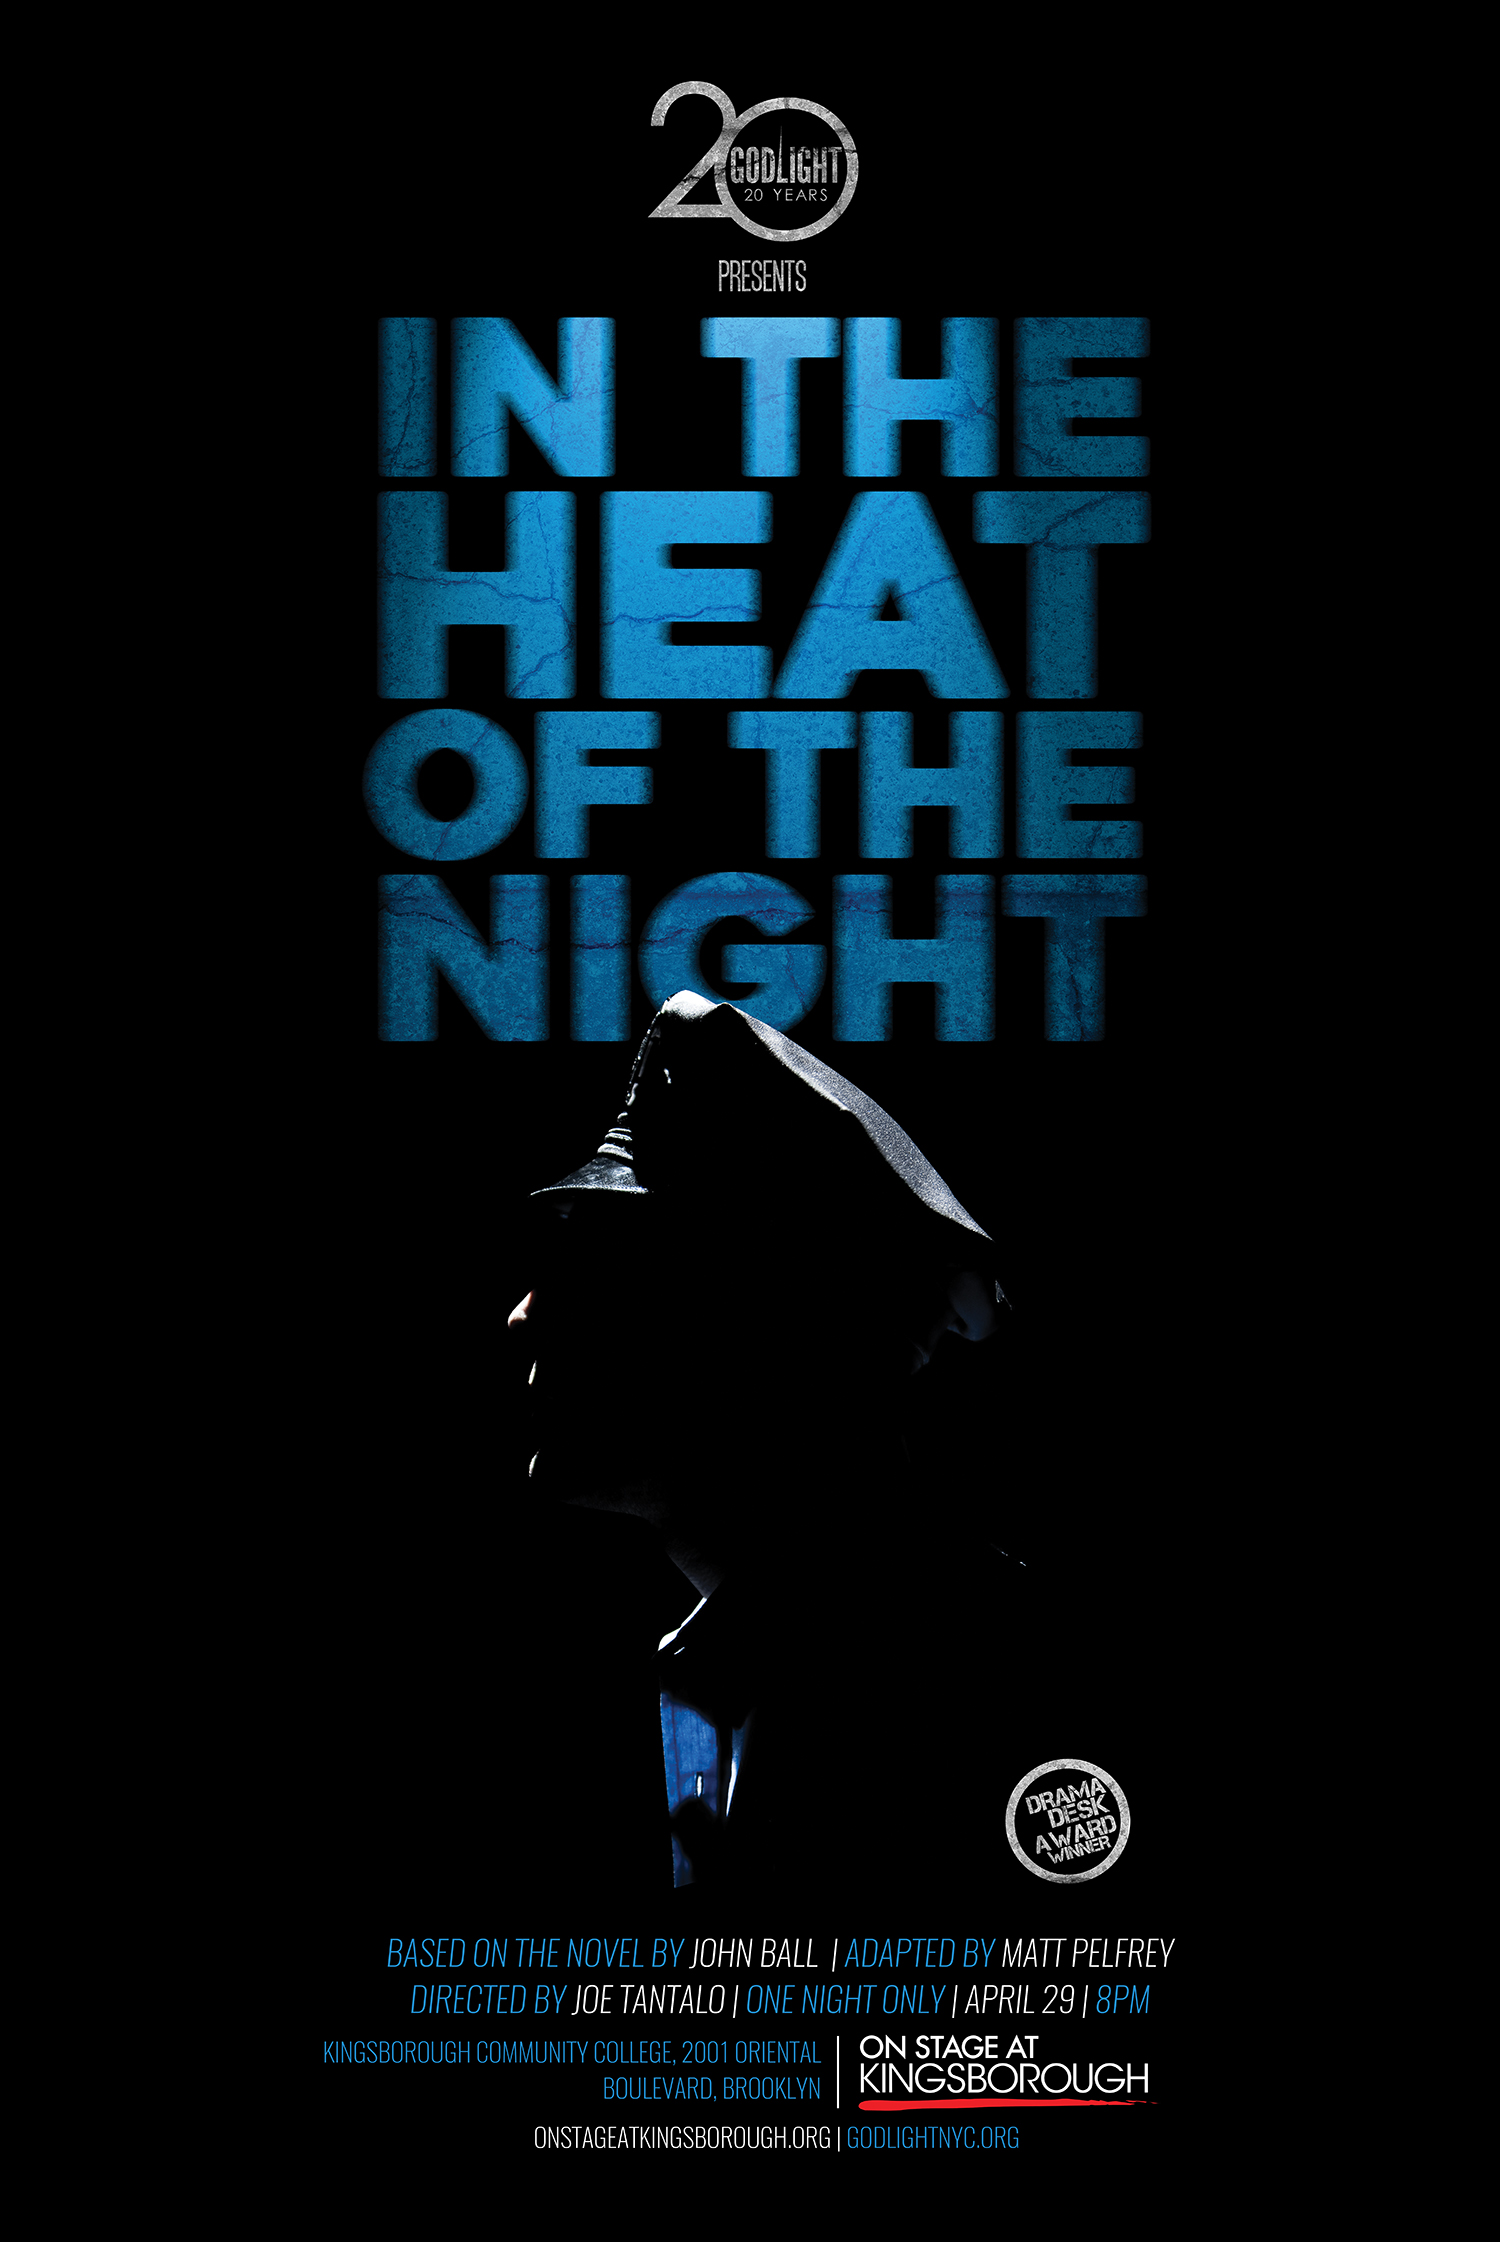 intheheatofthenight_poster24x36_FINAL_web.jpg